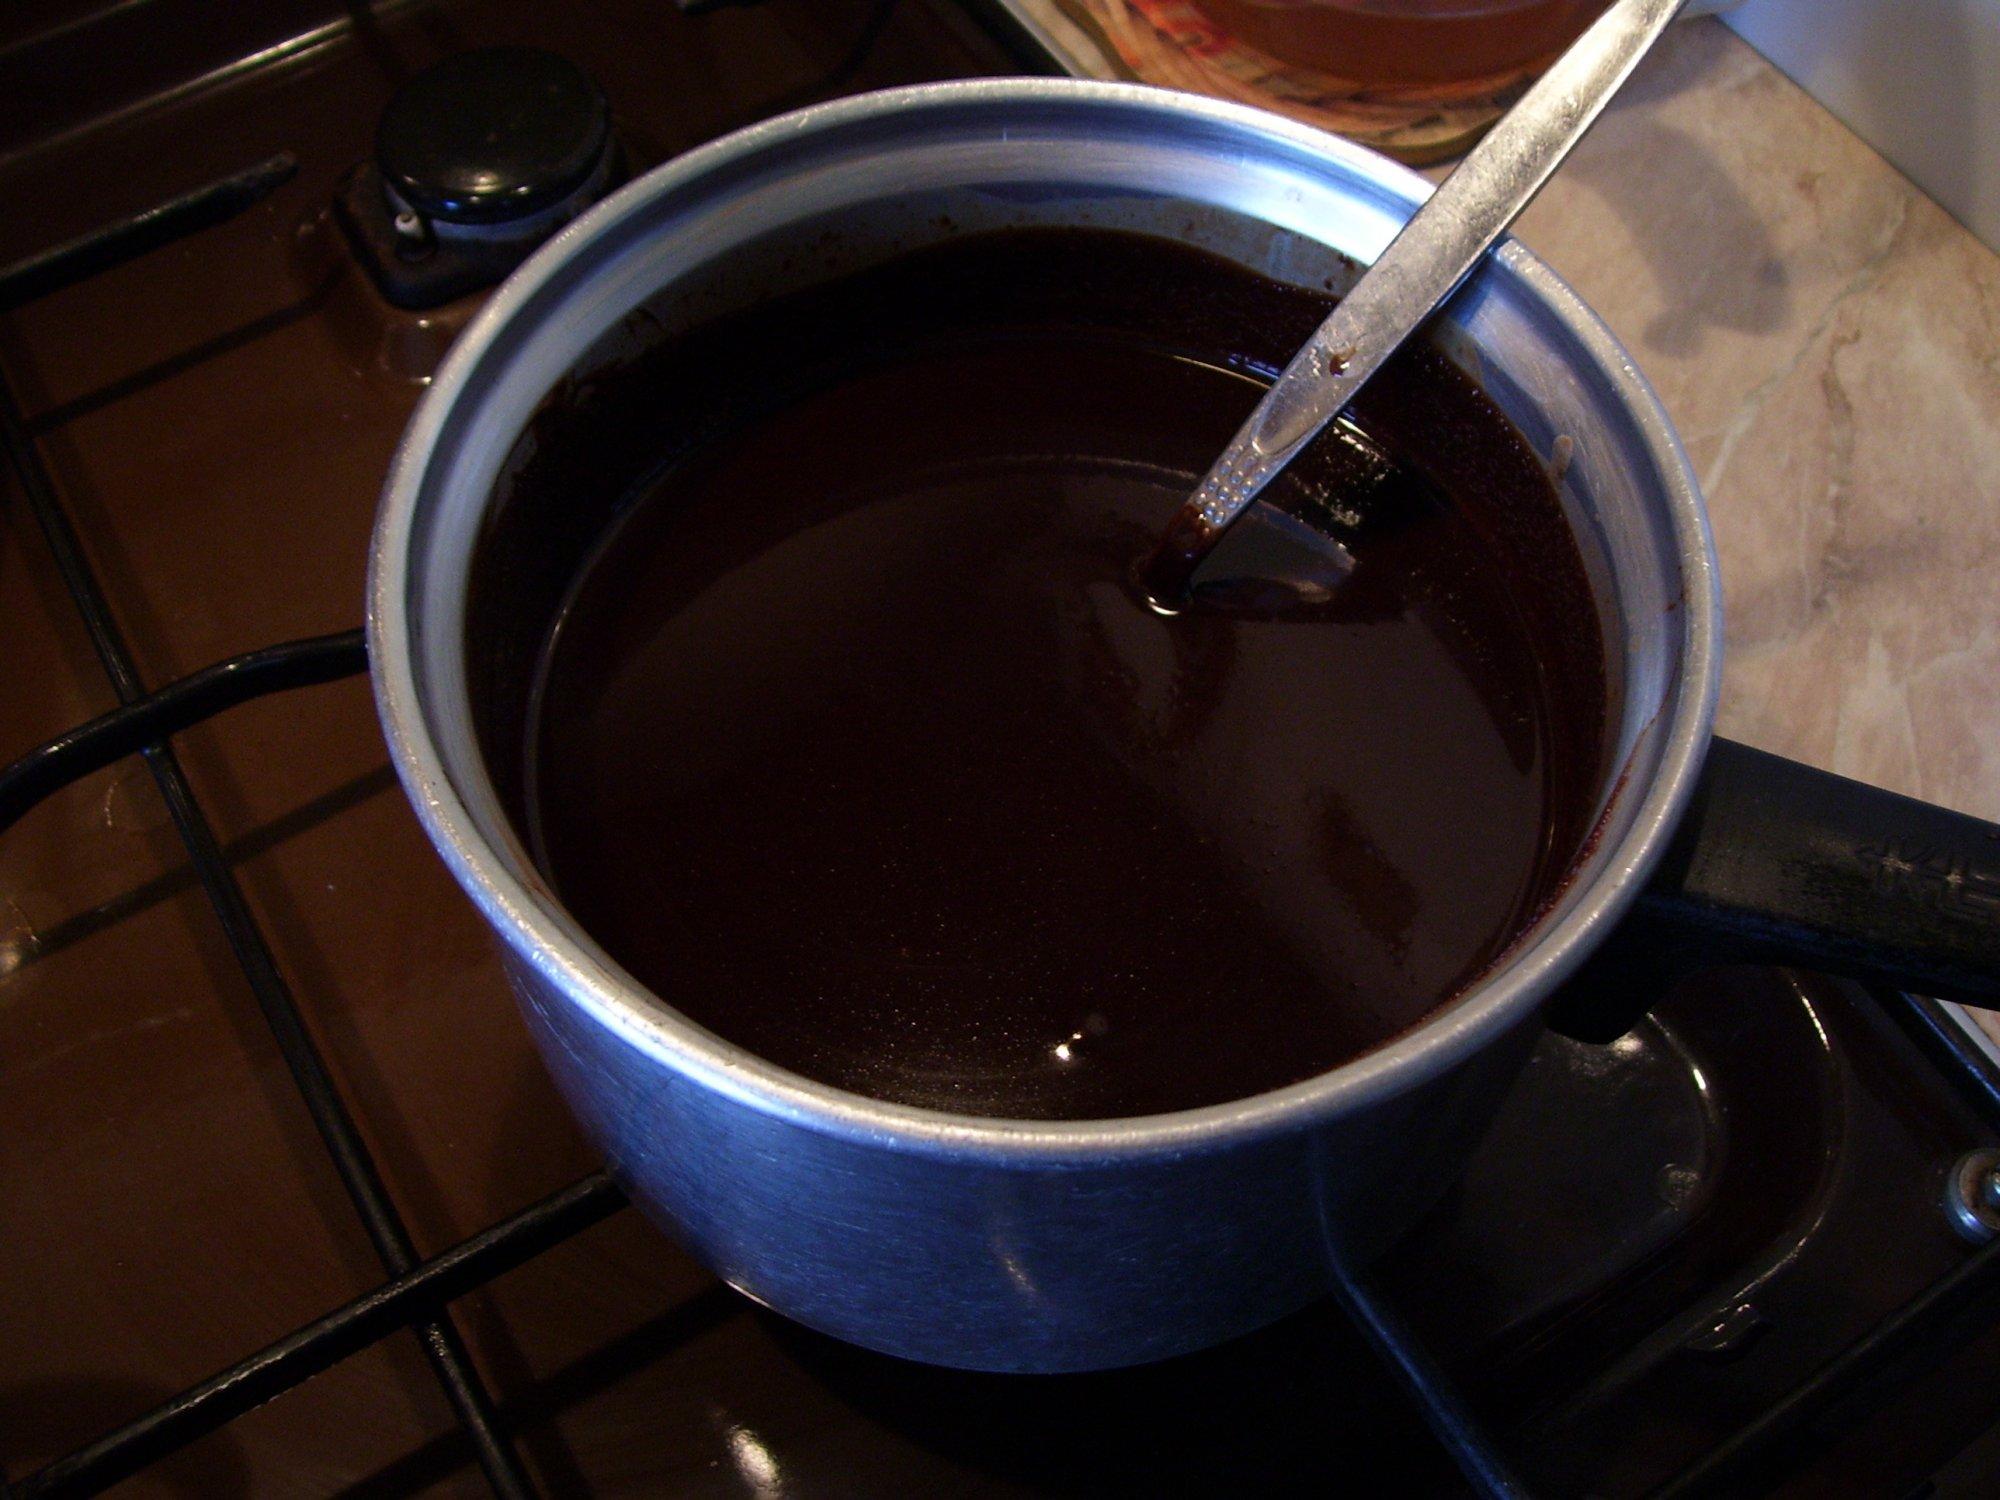 Recept Rychlá čokoládová poleva - Zhoustlá a ztmavlá poleva po zamíchání horké vody.